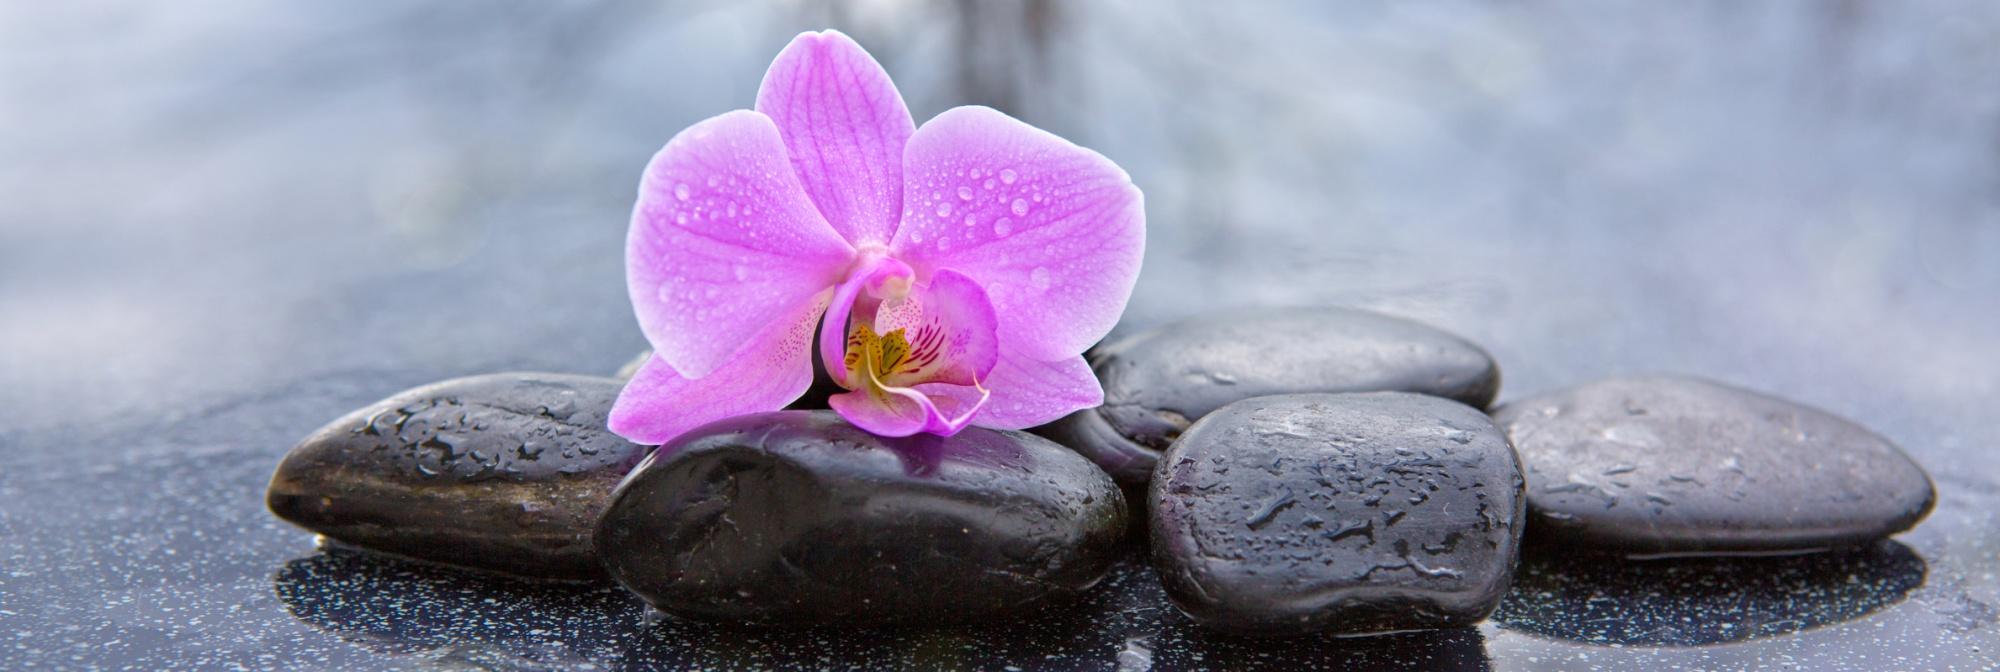 Orchidée et pierres © Fotolia